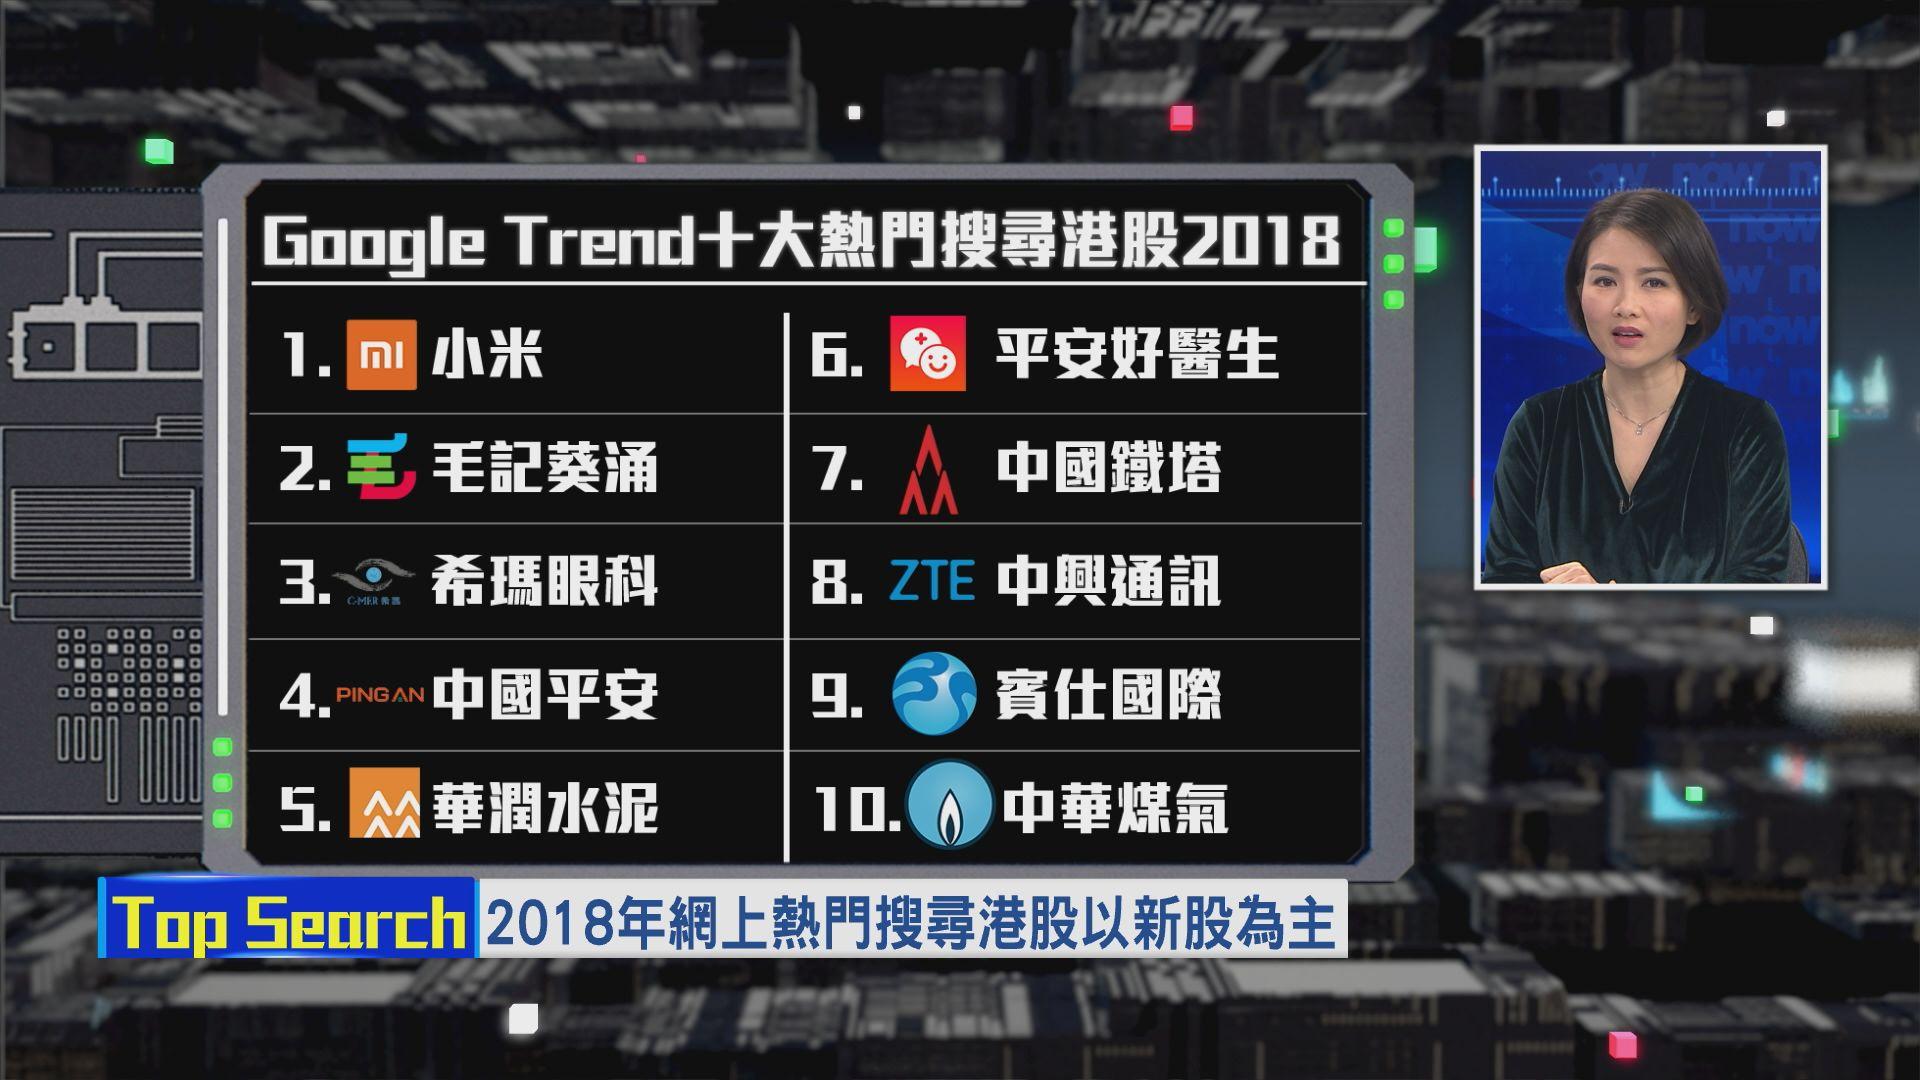 【財經TOP SEARCH】2018年度十大熱門搜尋港股(下)